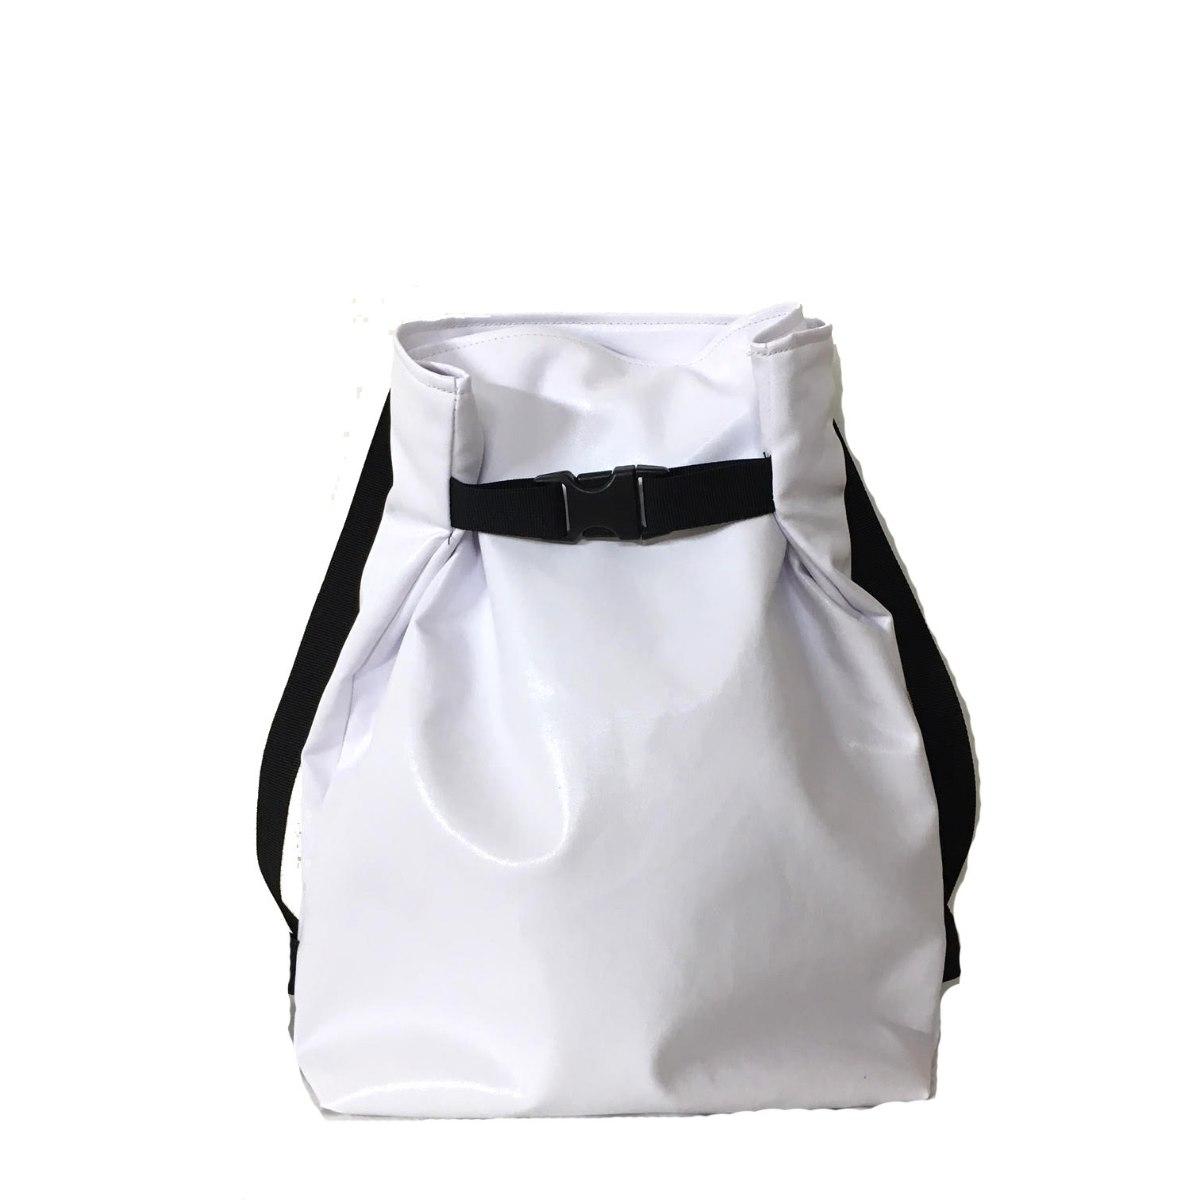 תיק גב משולש בצבע לבן